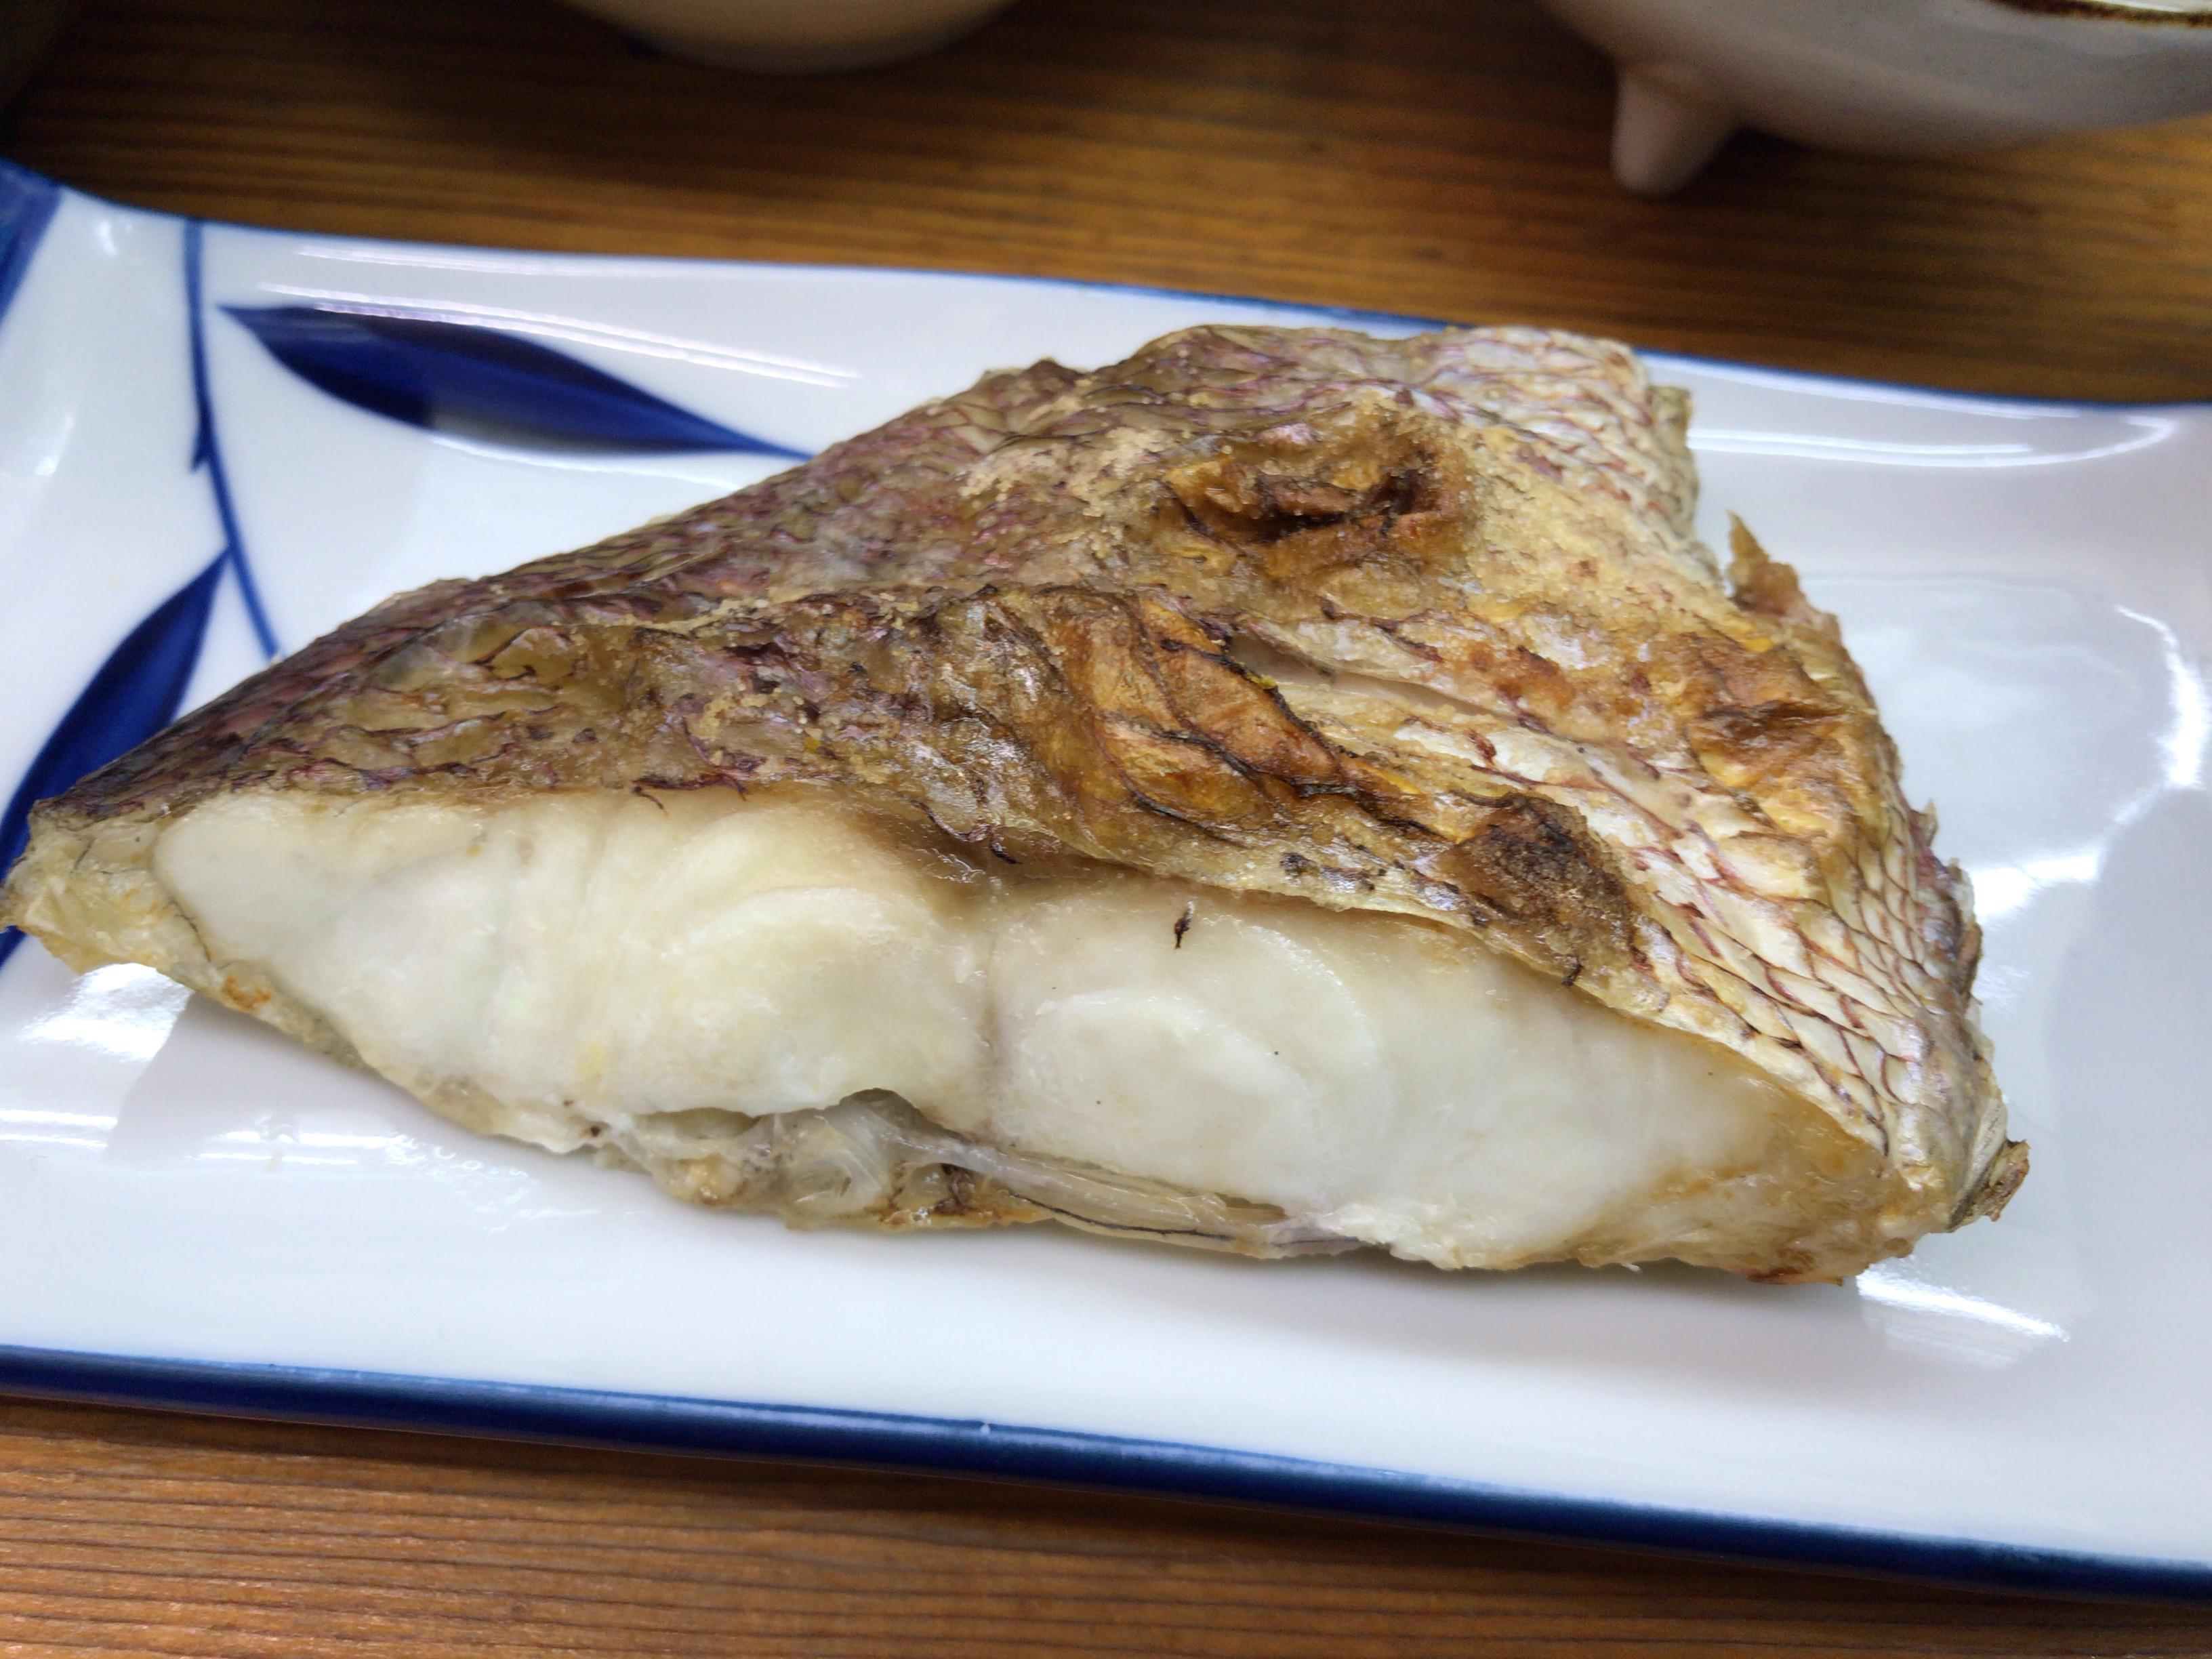 居酒屋ウエダの日替わり定食のメインであるタイの塩焼き